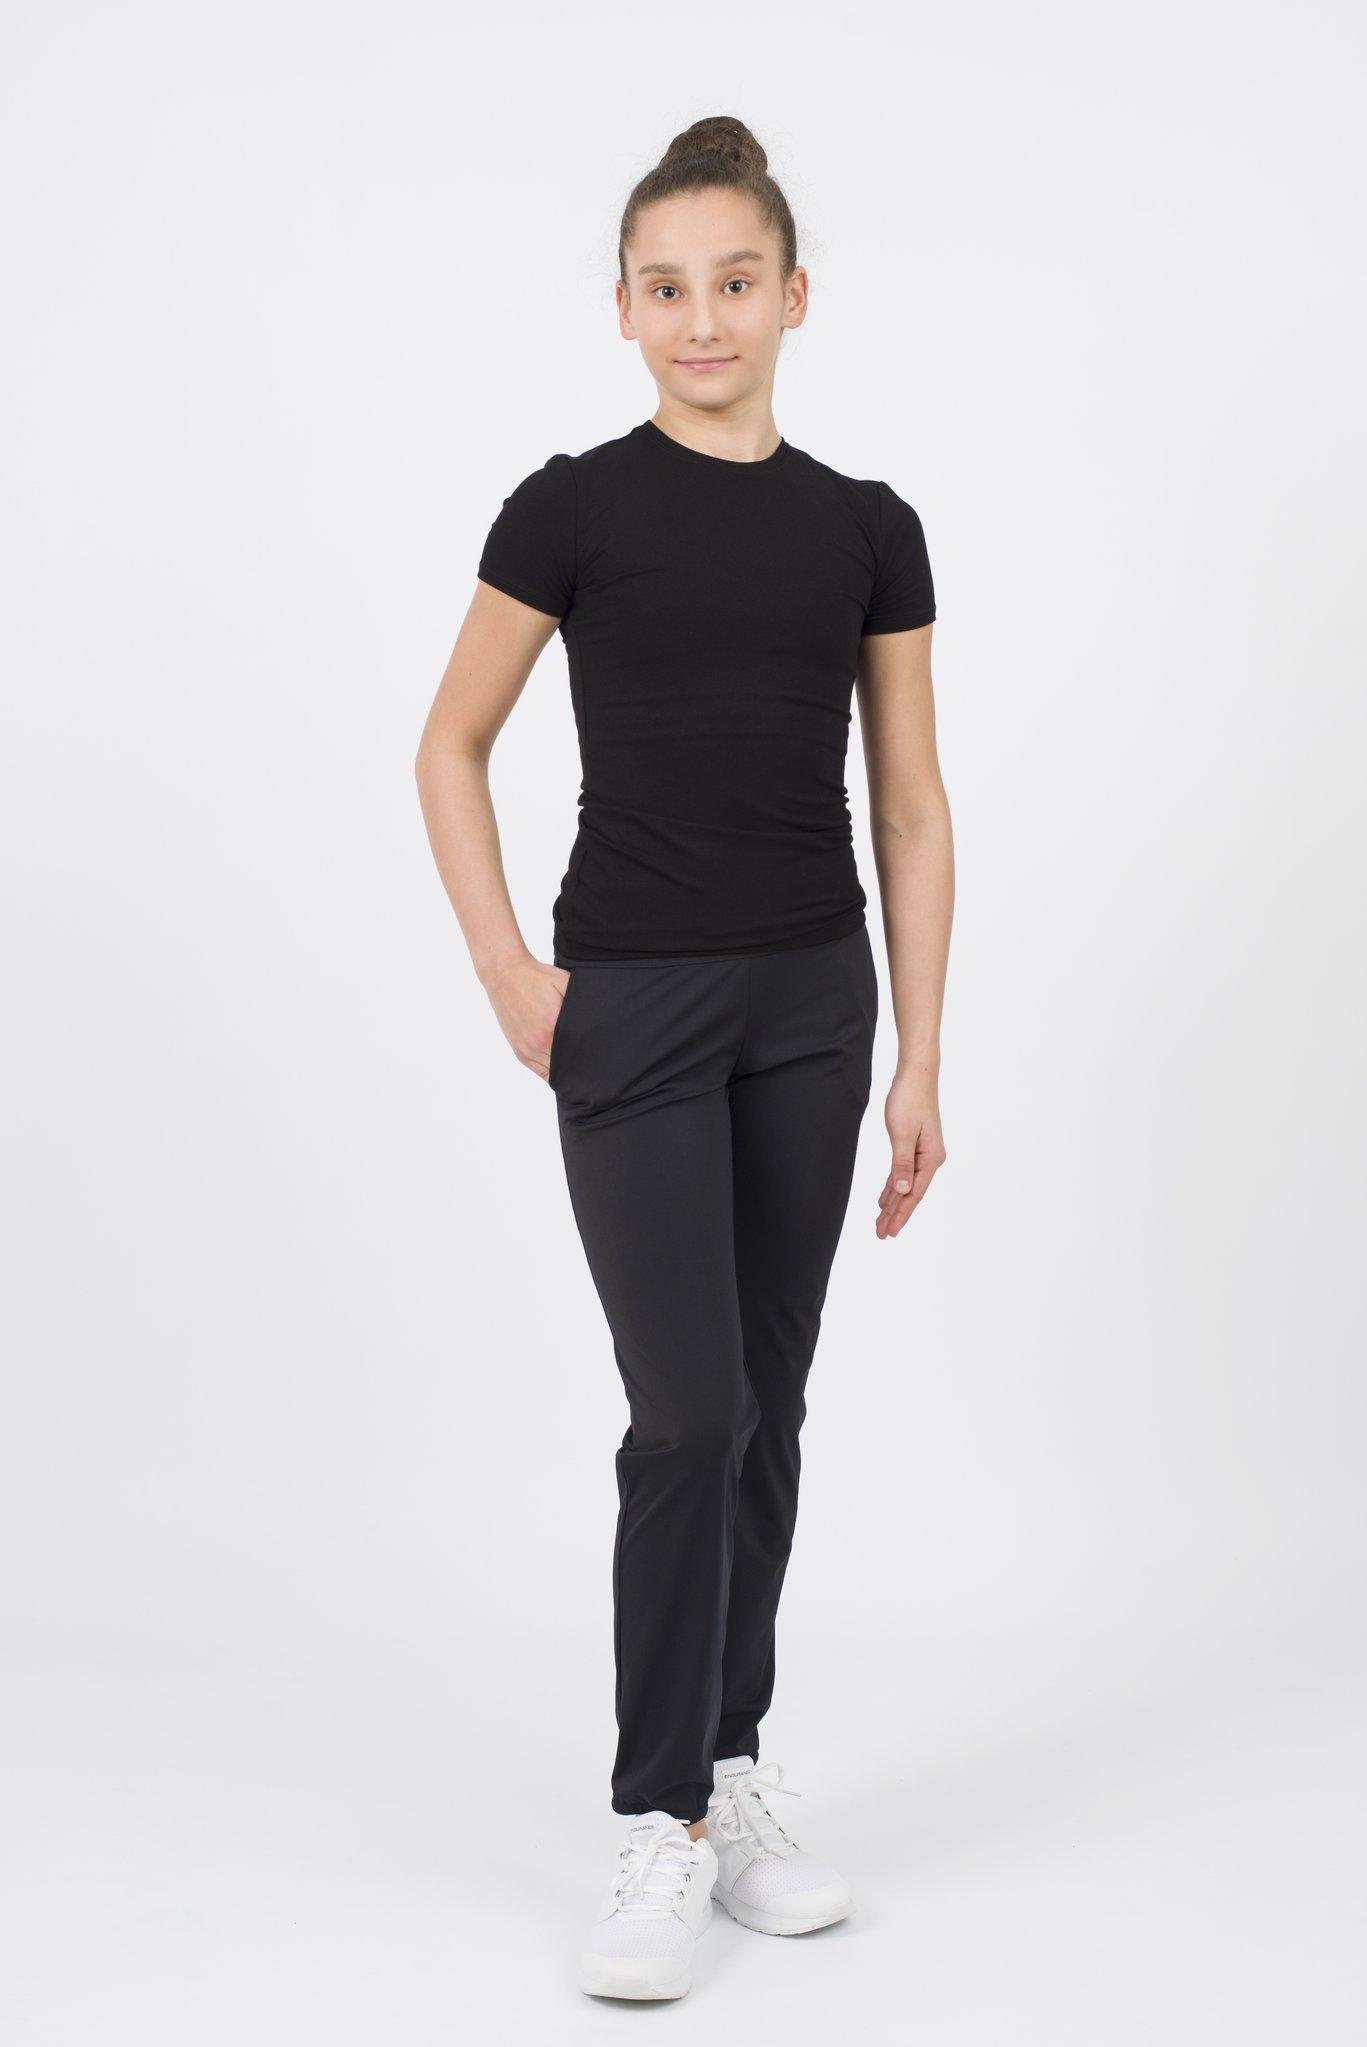 Girls Yoga Pants